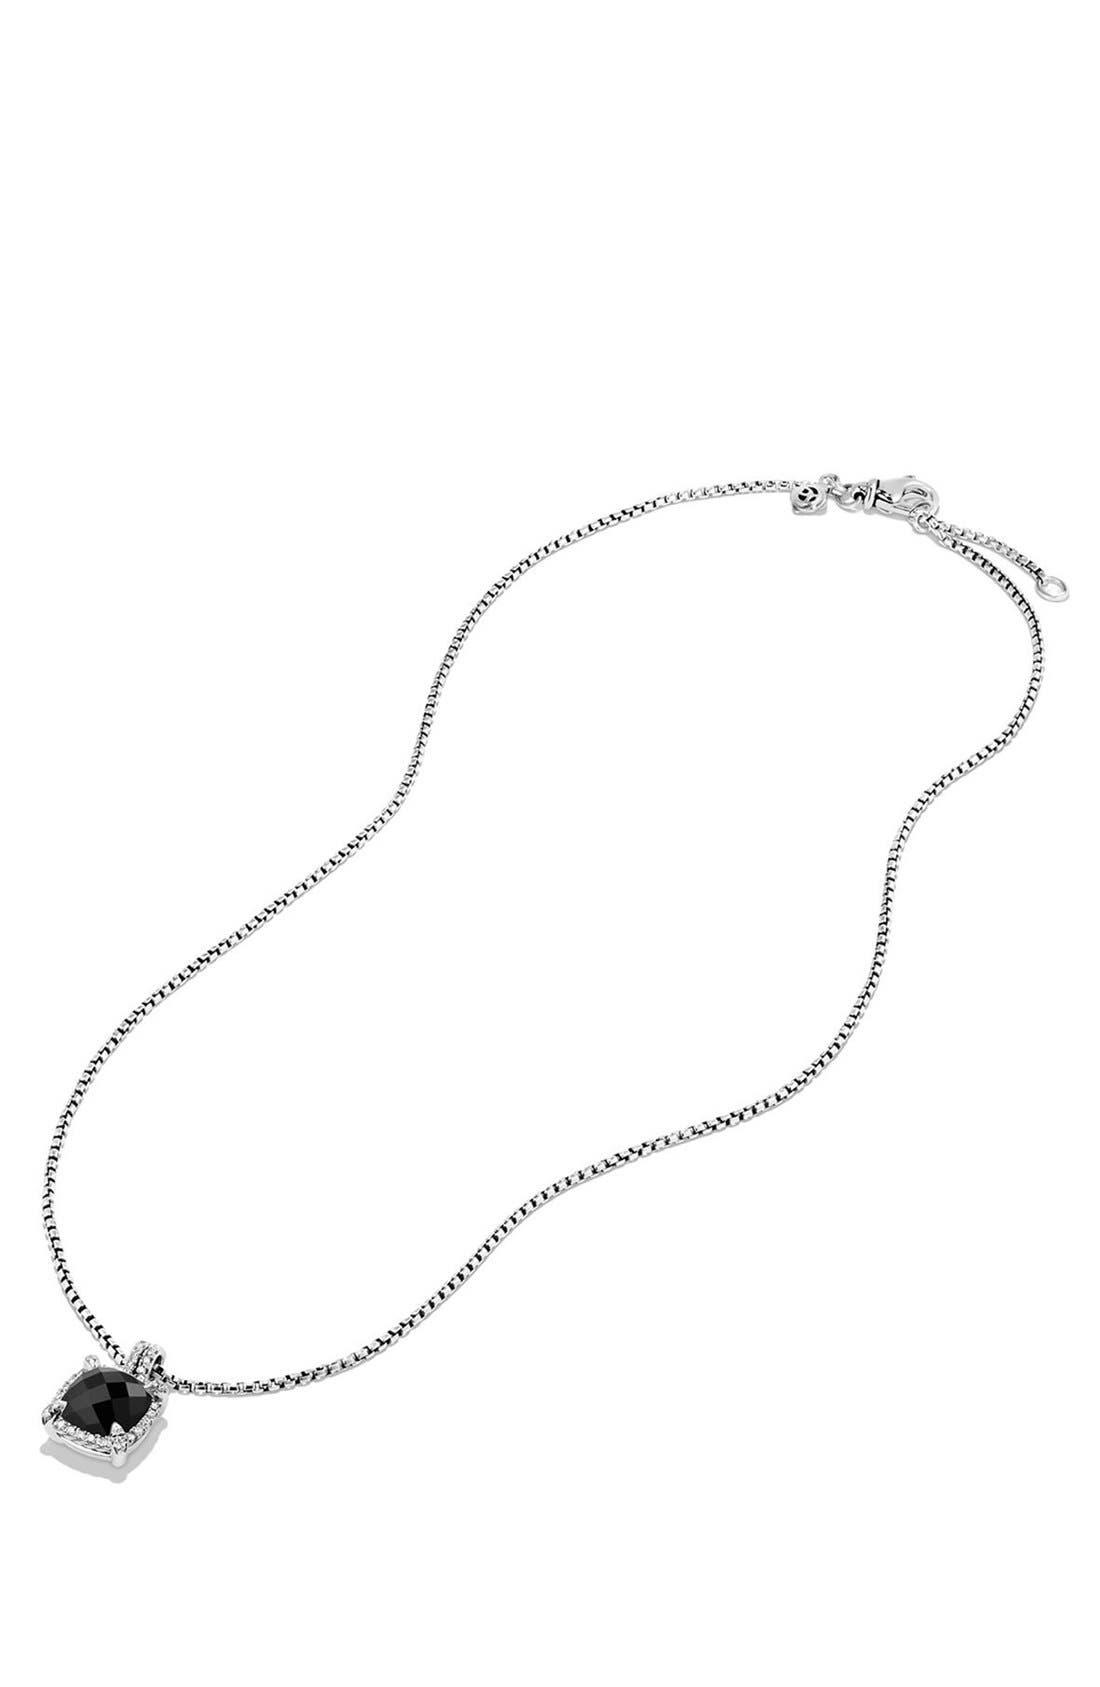 'Châtelaine' Small Pavé Bezel Pendant Necklace with Diamonds,                             Alternate thumbnail 3, color,                             BLACK ONYX